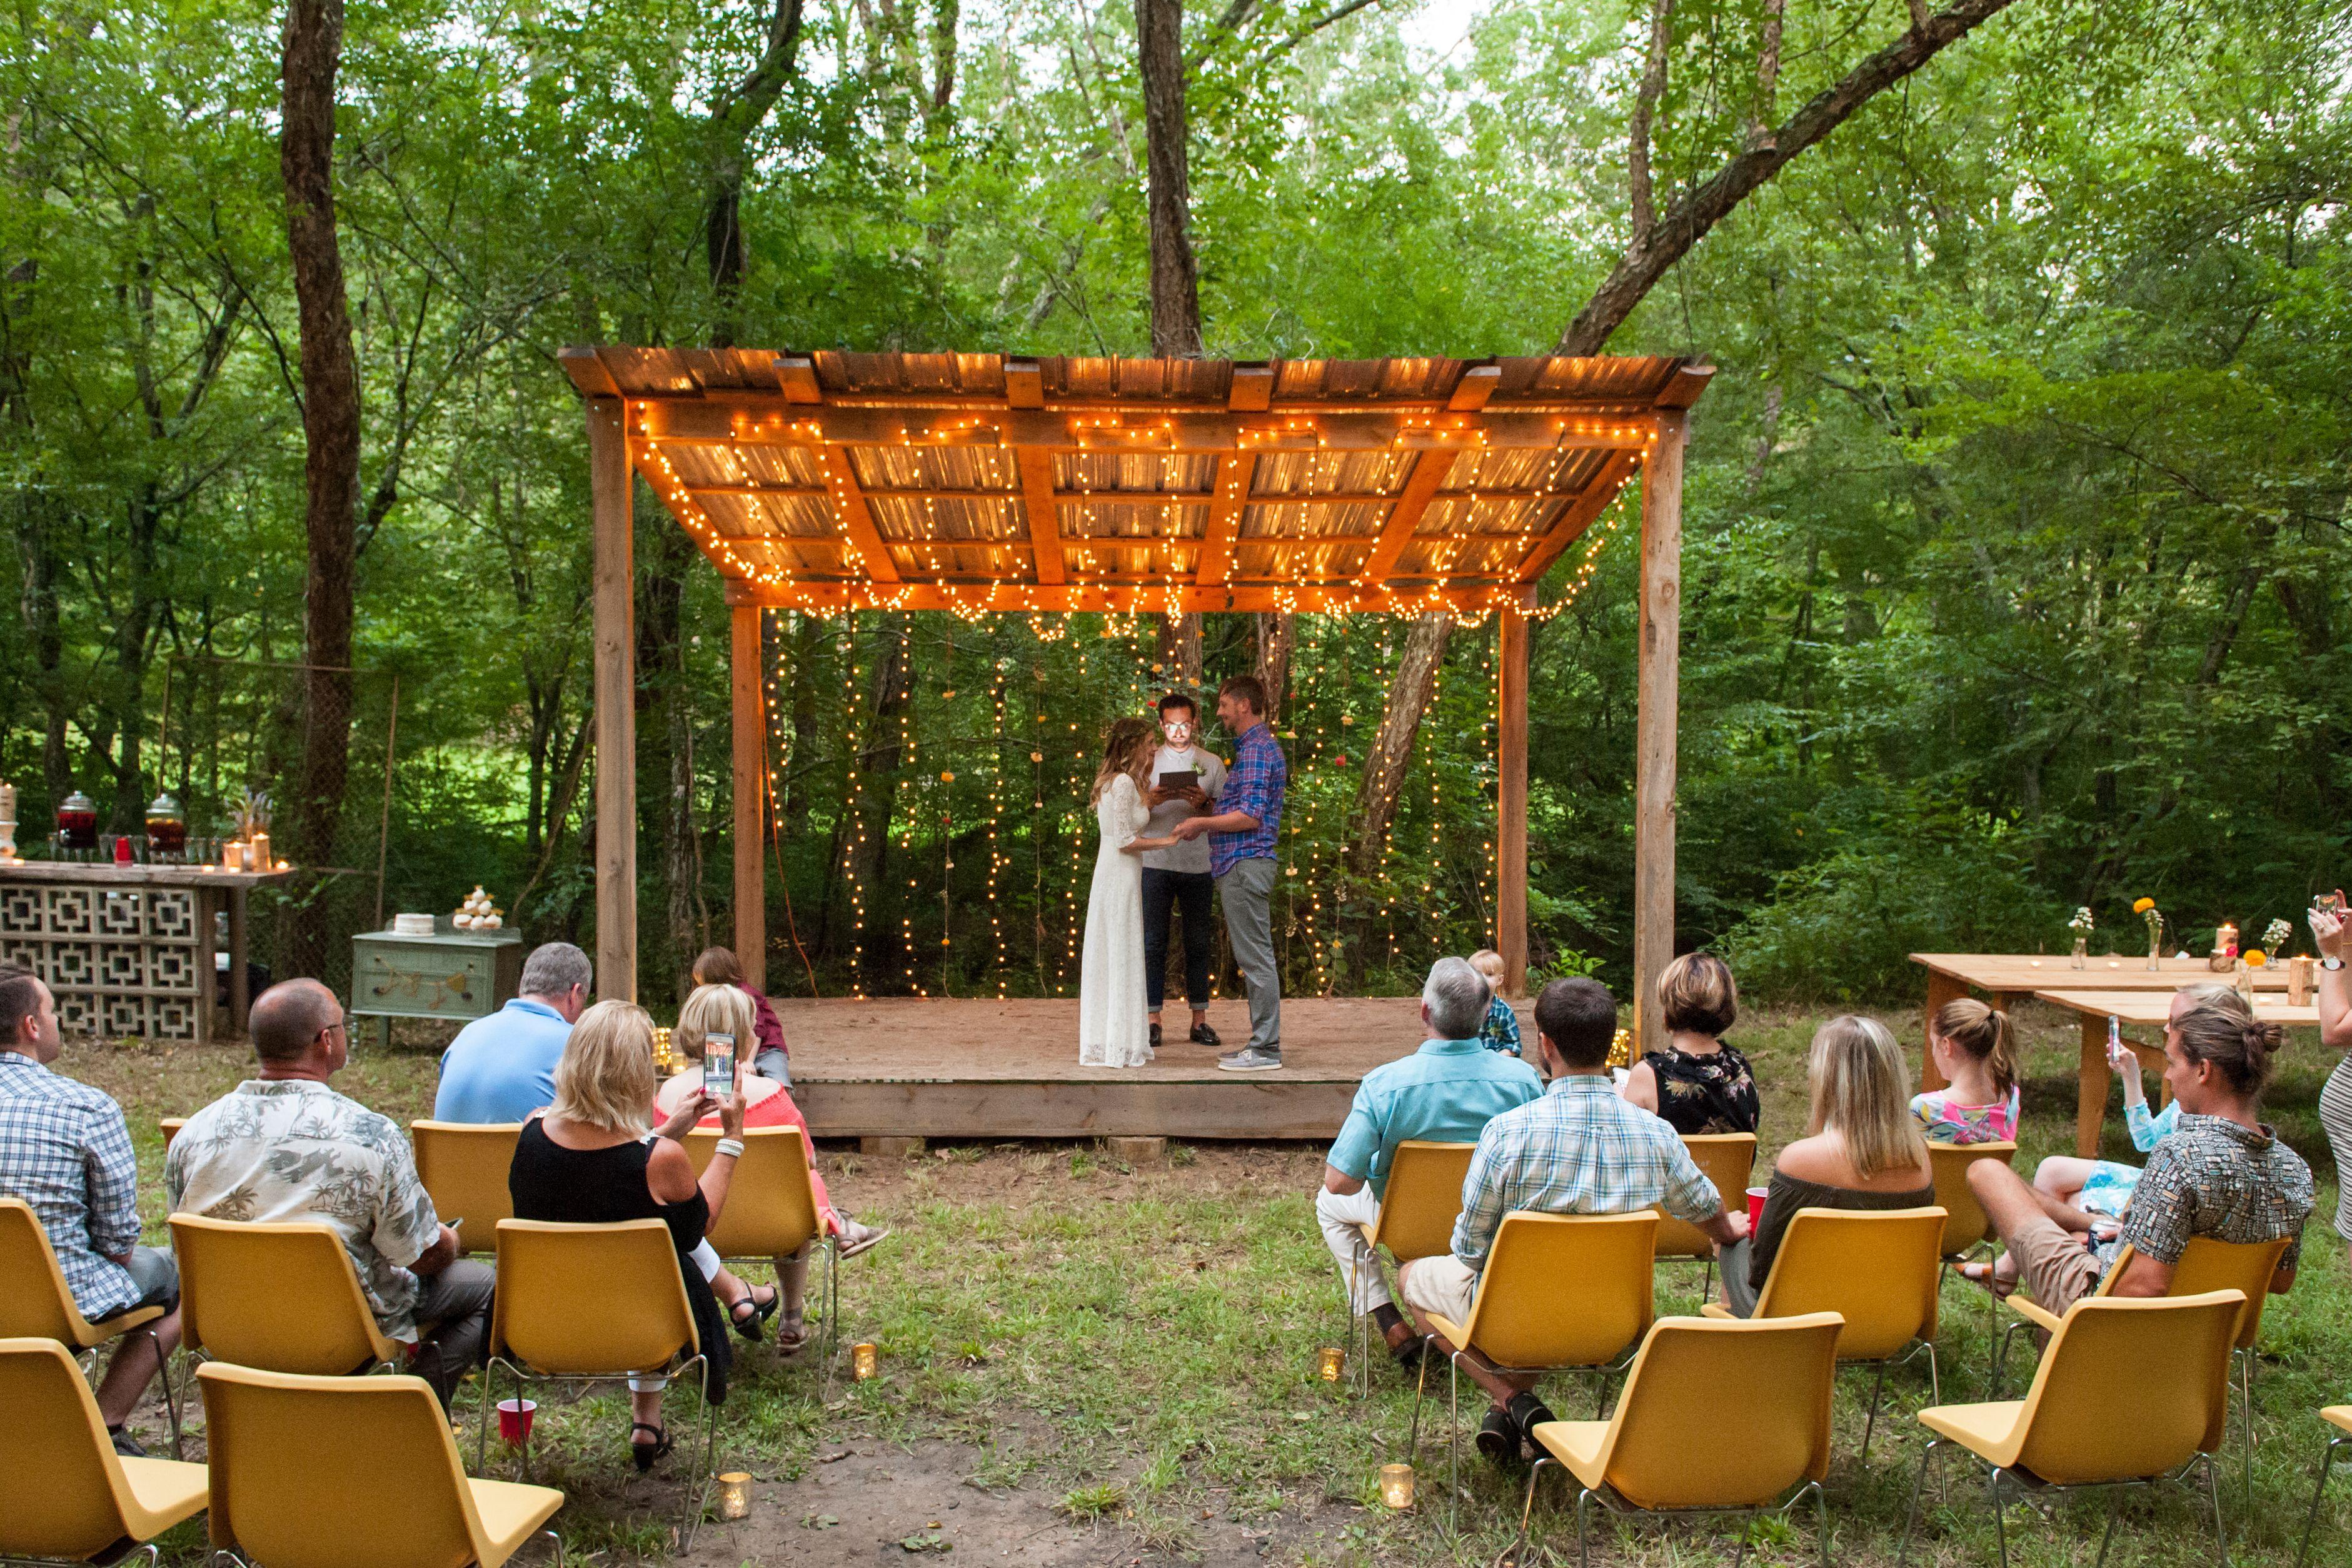 Vow Renewal In Woods Ceremony Ideas I Do Take Two Simple 10 Year Vow Renewal Rustic Vow Renewal Decor Di Diy Backyard Wedding Backyard Wedding Vow Renewal